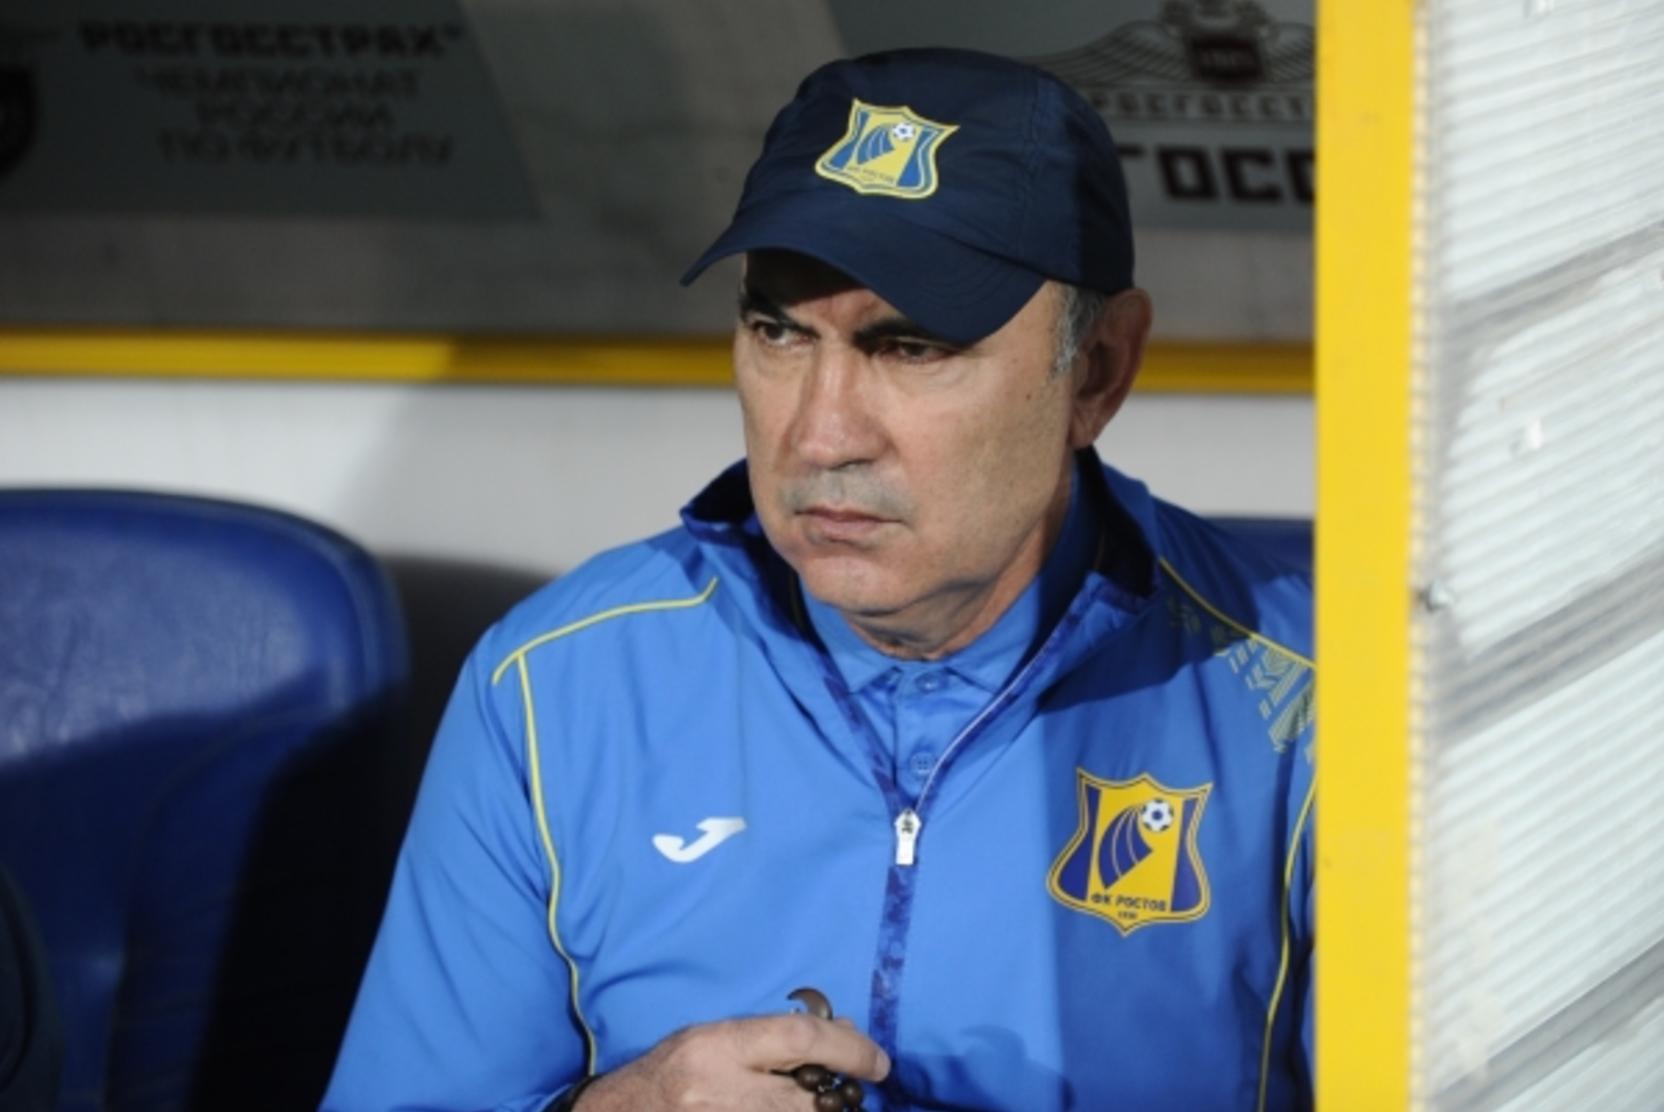 СМИ: Бердыев может стать новым главным тренером сборной России по футболу